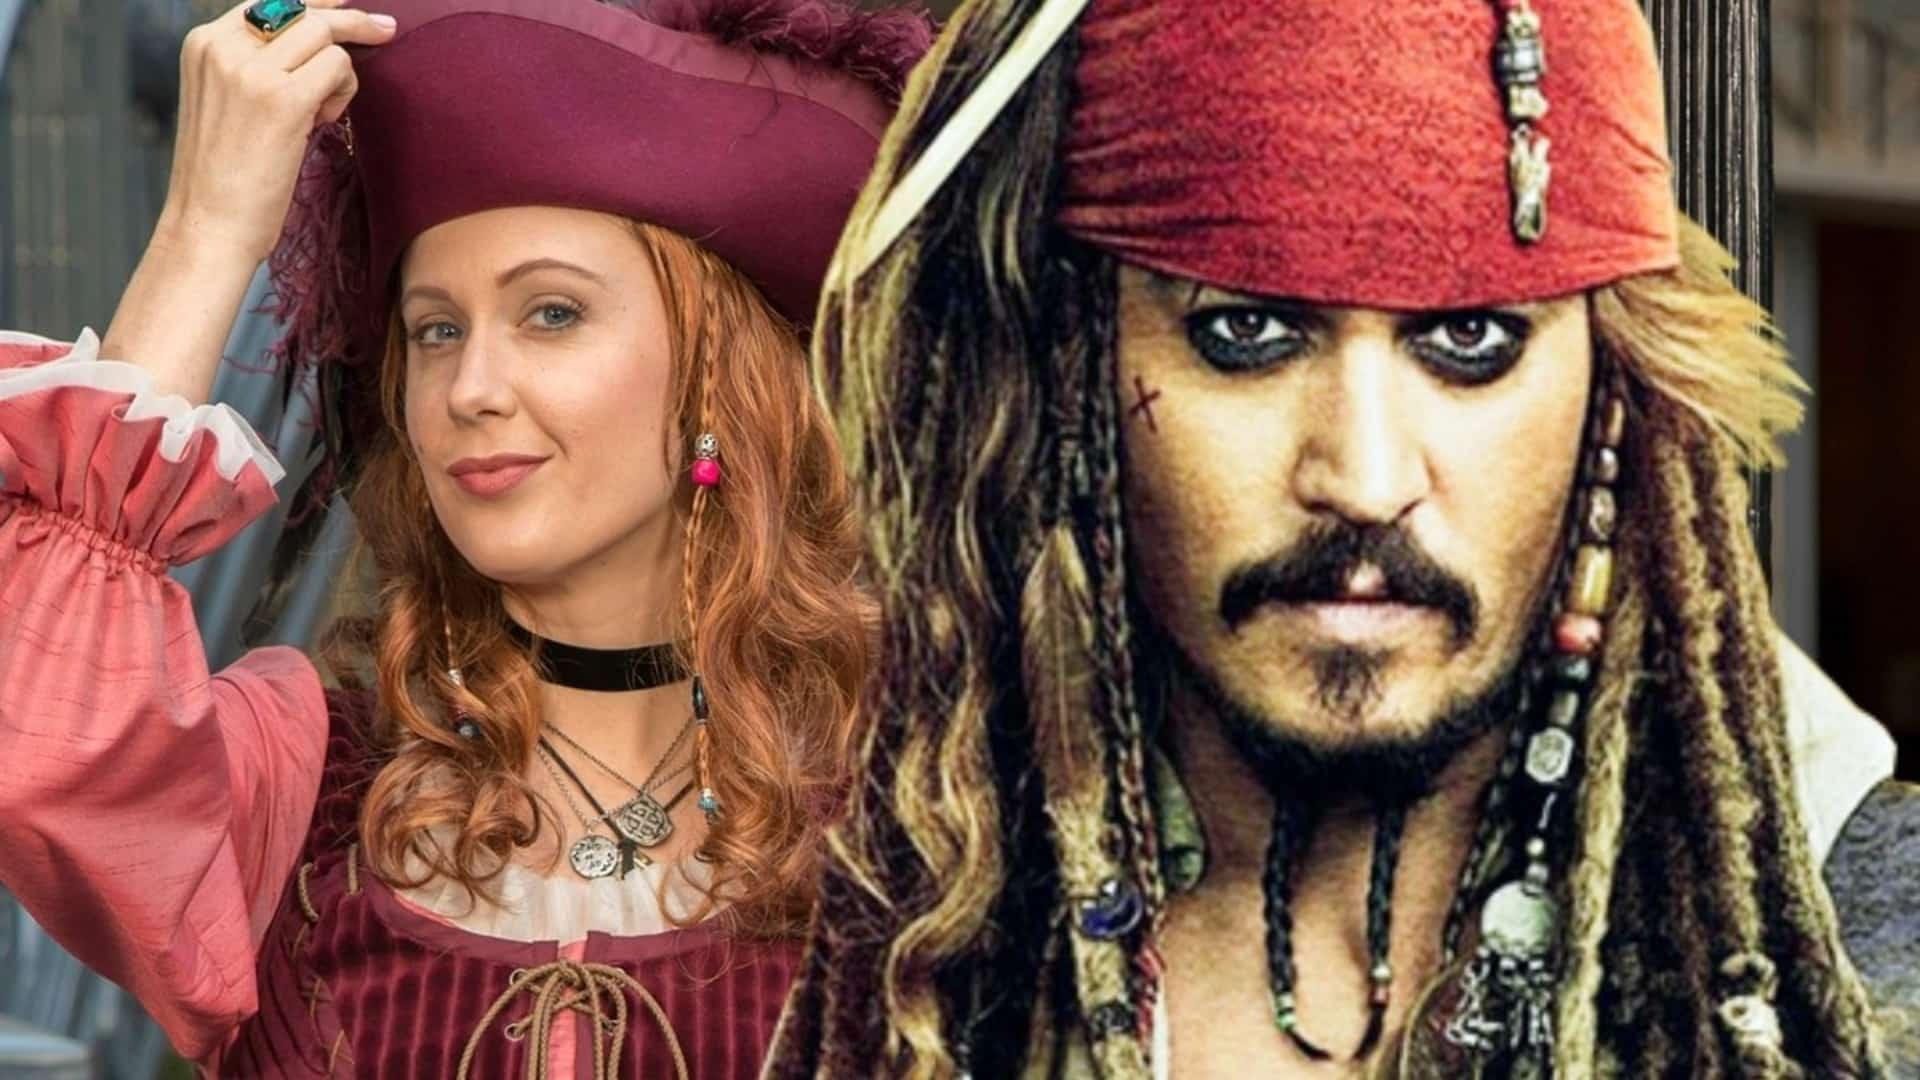 Piráti z Karibiku reštart